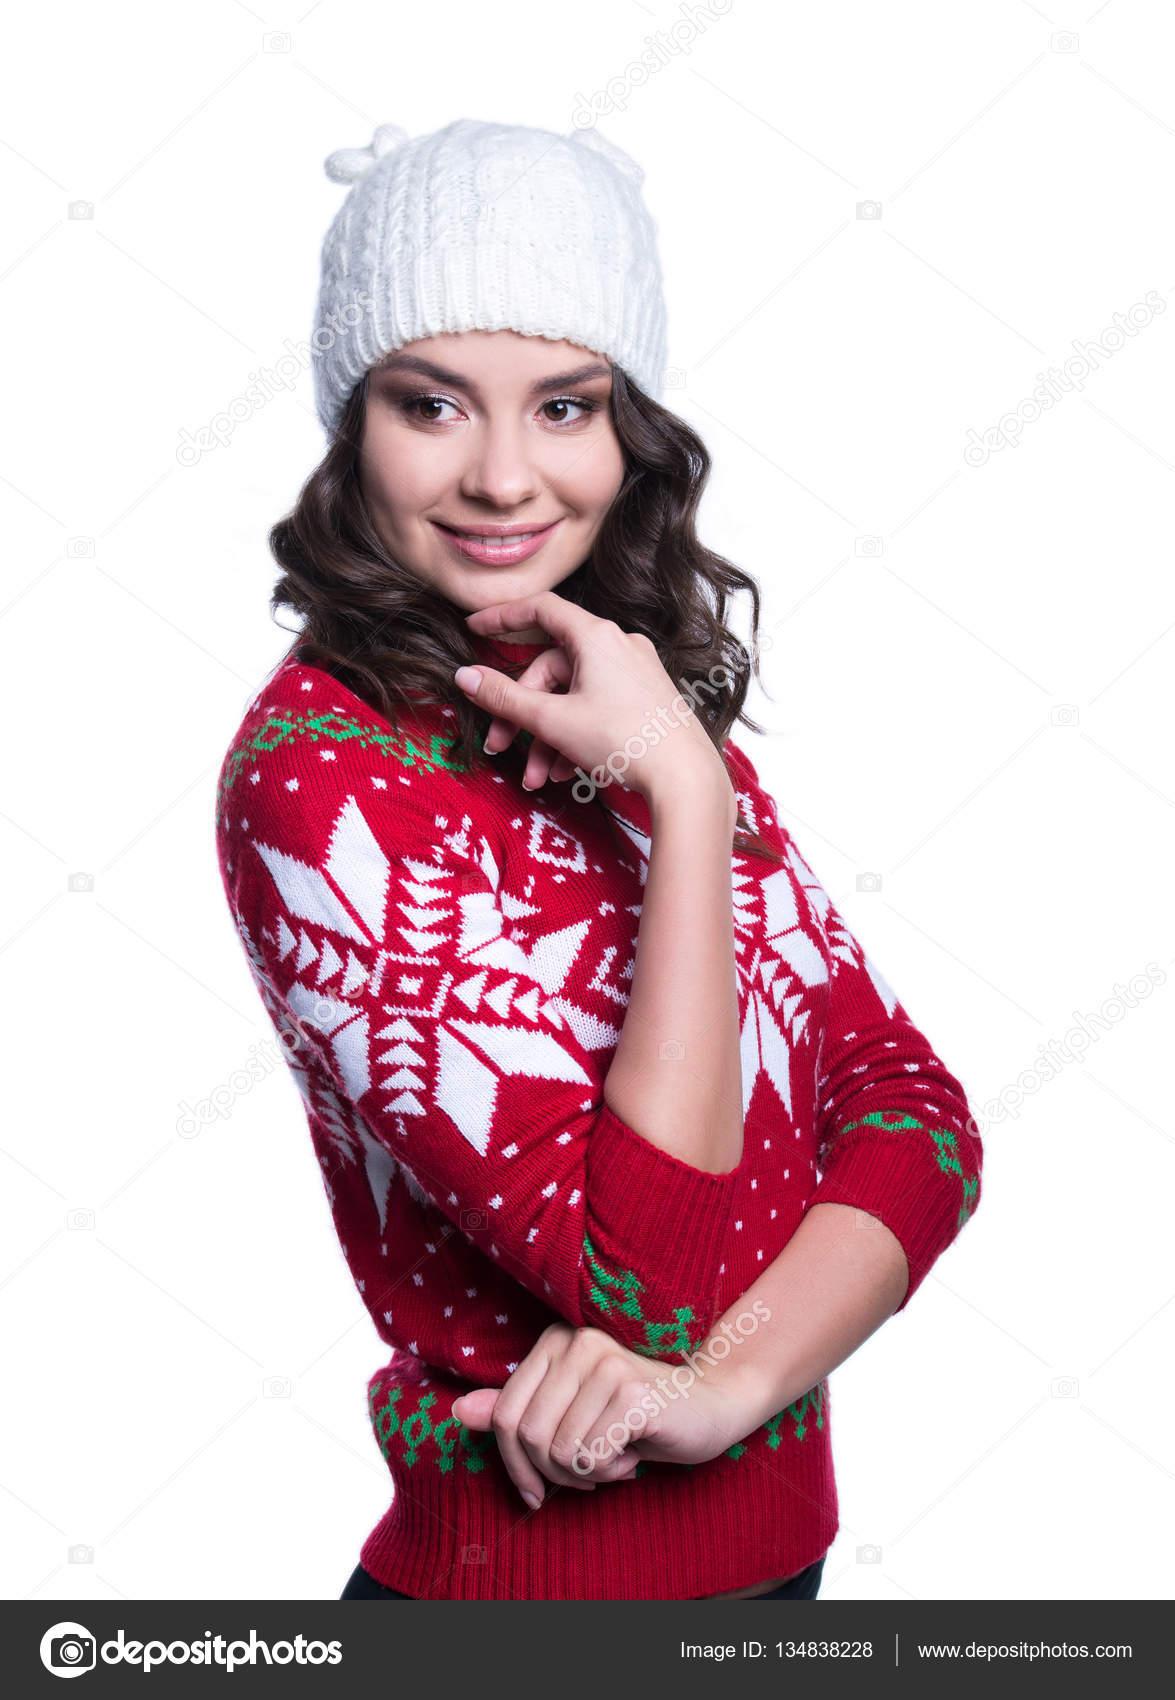 Souriante jeune femme sexy portant coloré tricot chandail avec ornement de  Noël et un chapeau. Isolé sur fond blanc. Vêtements d hiver — Image de  artyme 3a9347b4dc4d